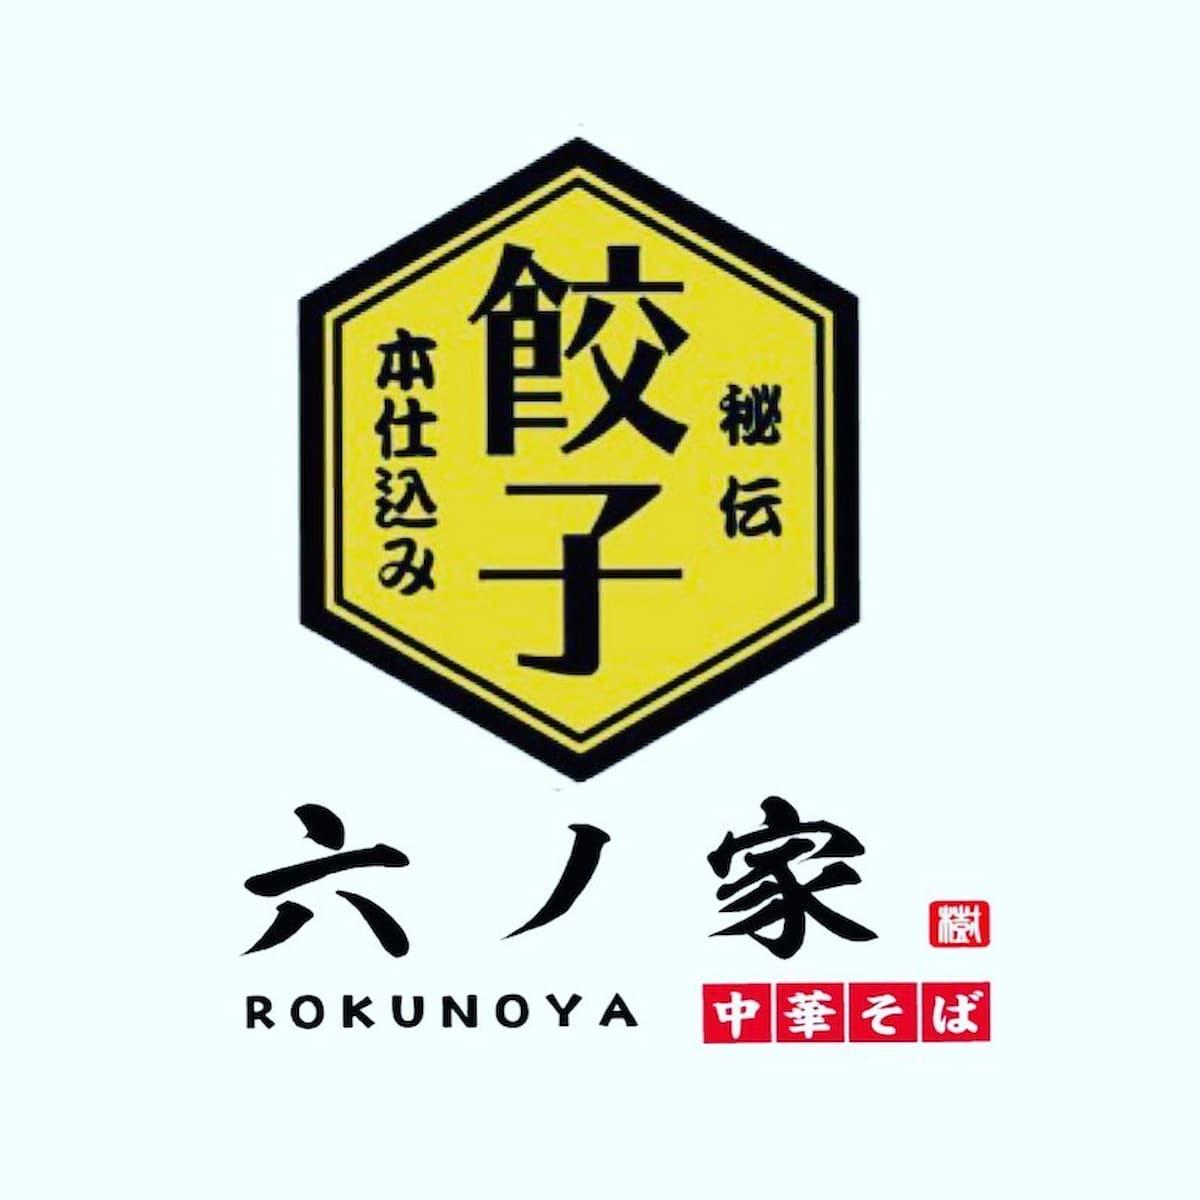 餃子の六ノ家 八女店っていう手包み本格生餃子と中華そばの店が出来てる。11月初旬オープン予定